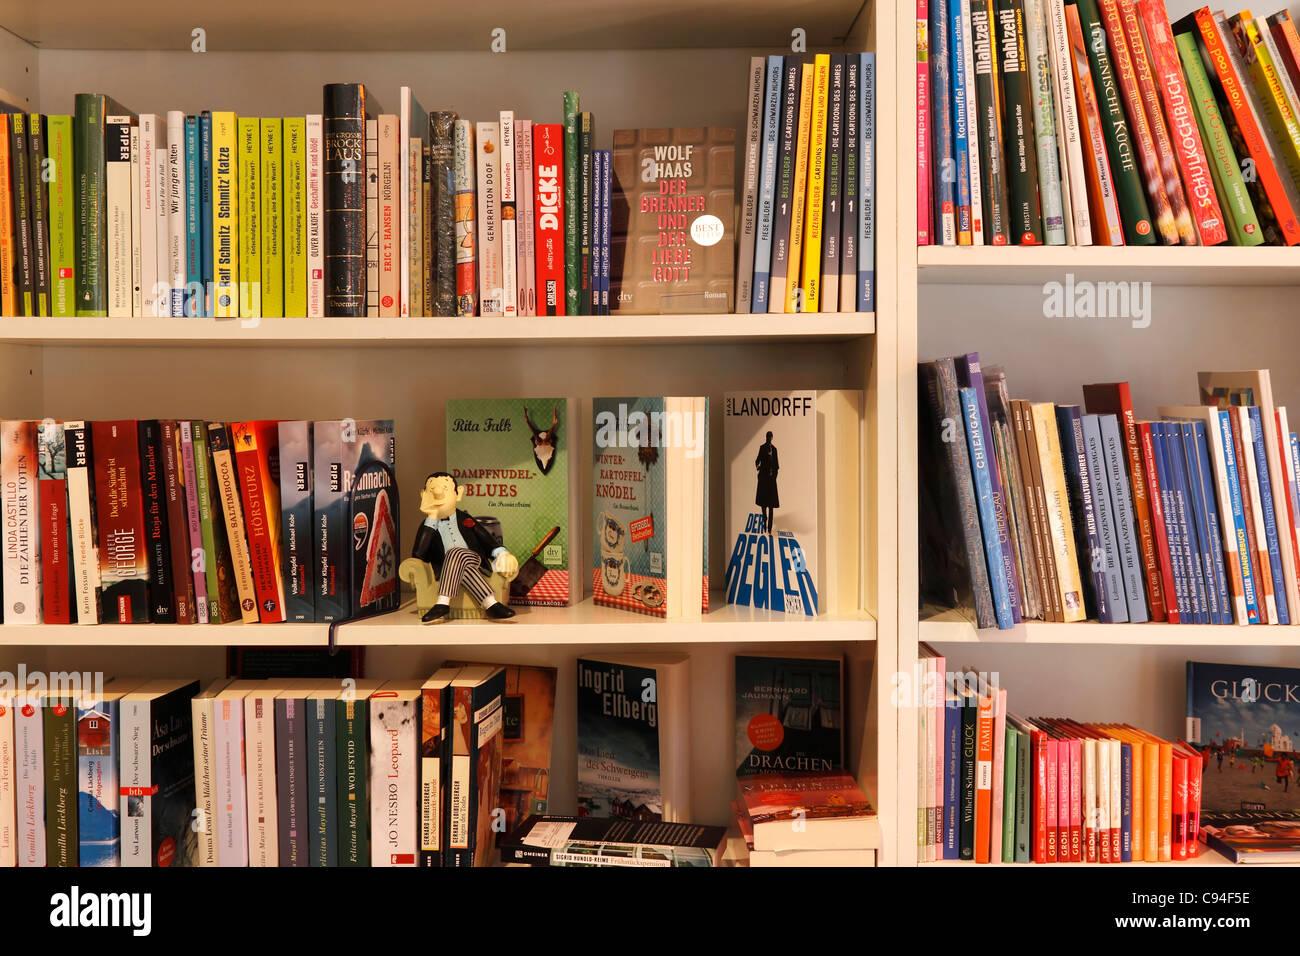 Book shelves full of books, Prien Chiemgau Upper Bavaria Germany - Stock Image